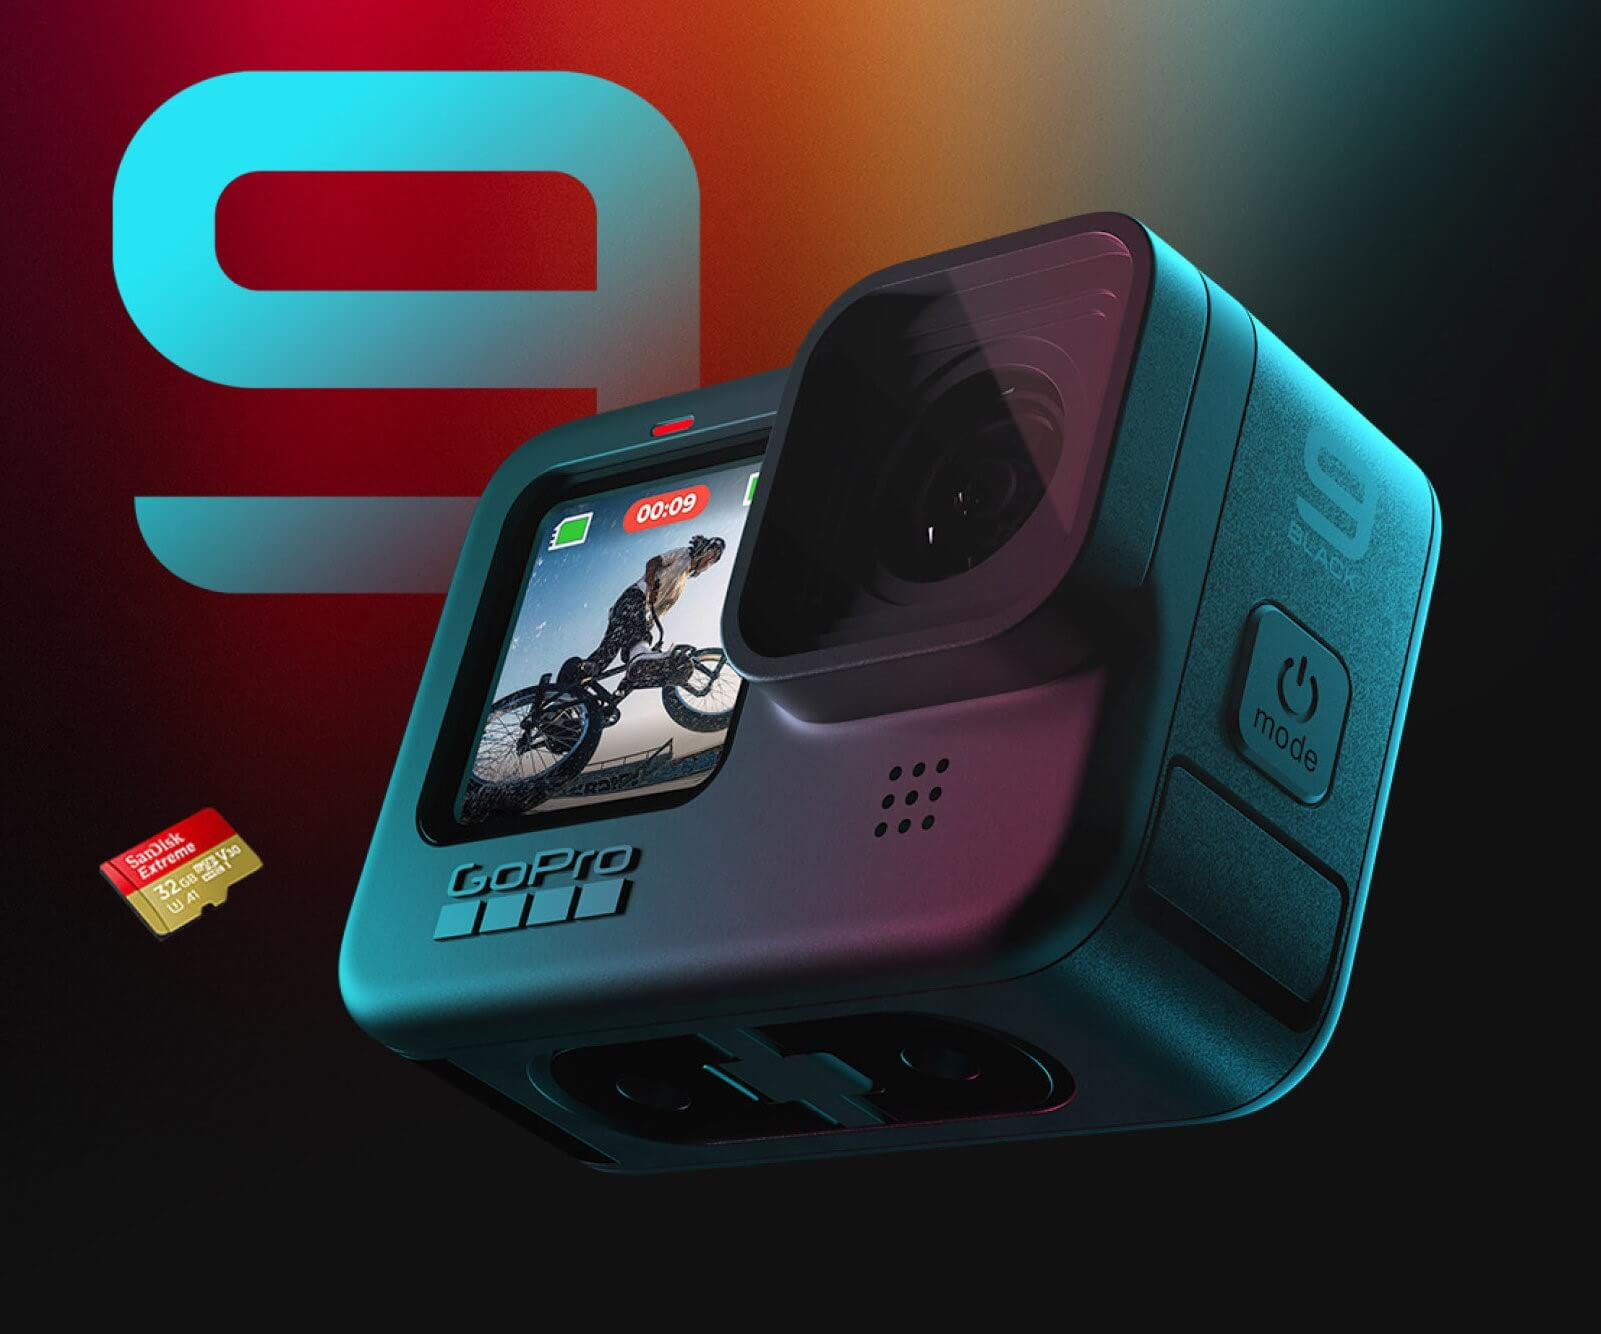 Best Streaming Cameras of 2020 - GoPro HERO9 Black